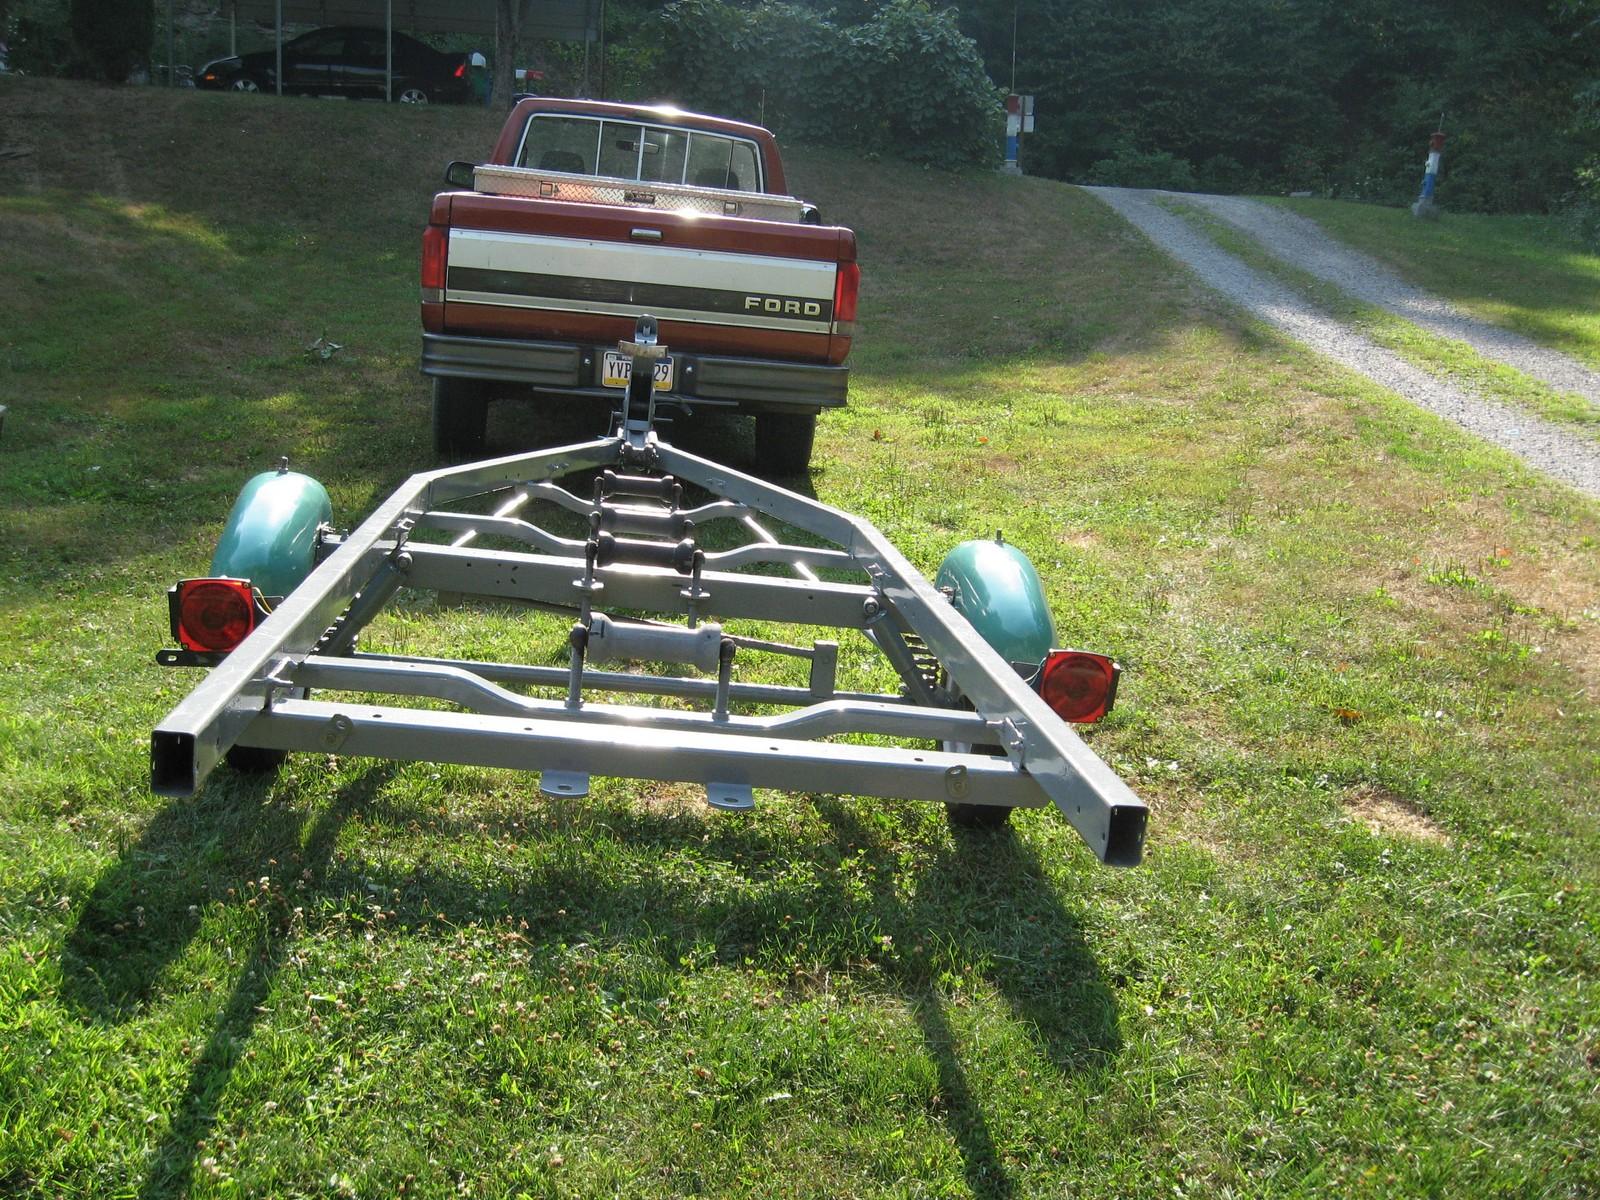 camper caravan trailer submersible number lights boat kit manufacturer led and wiring jetski lighting full